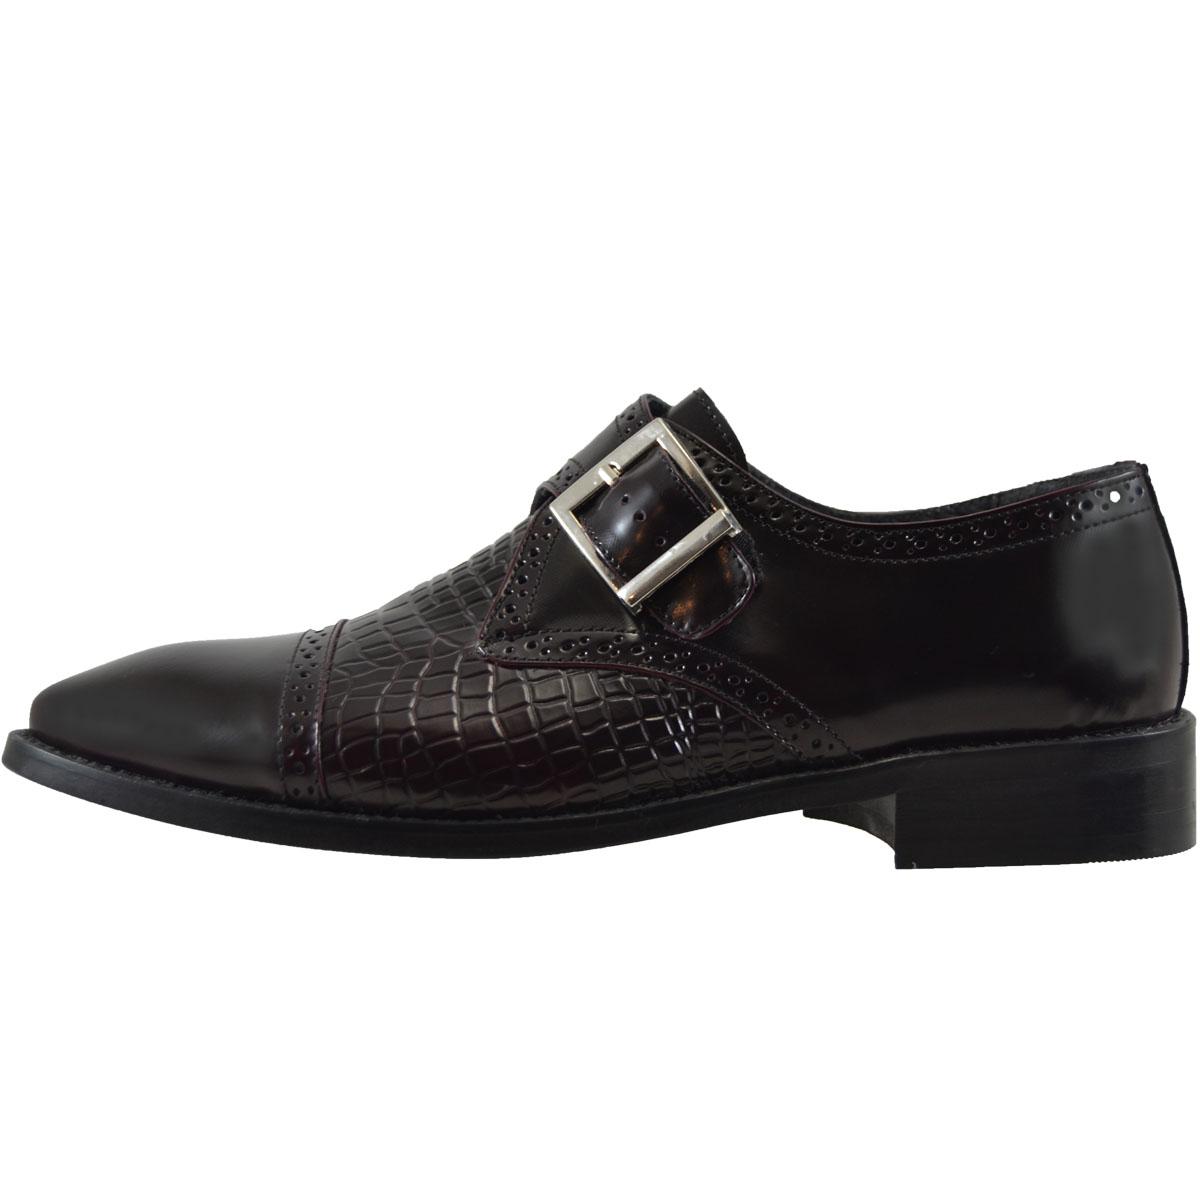 کفش مردانه کد 273             , خرید اینترنتی